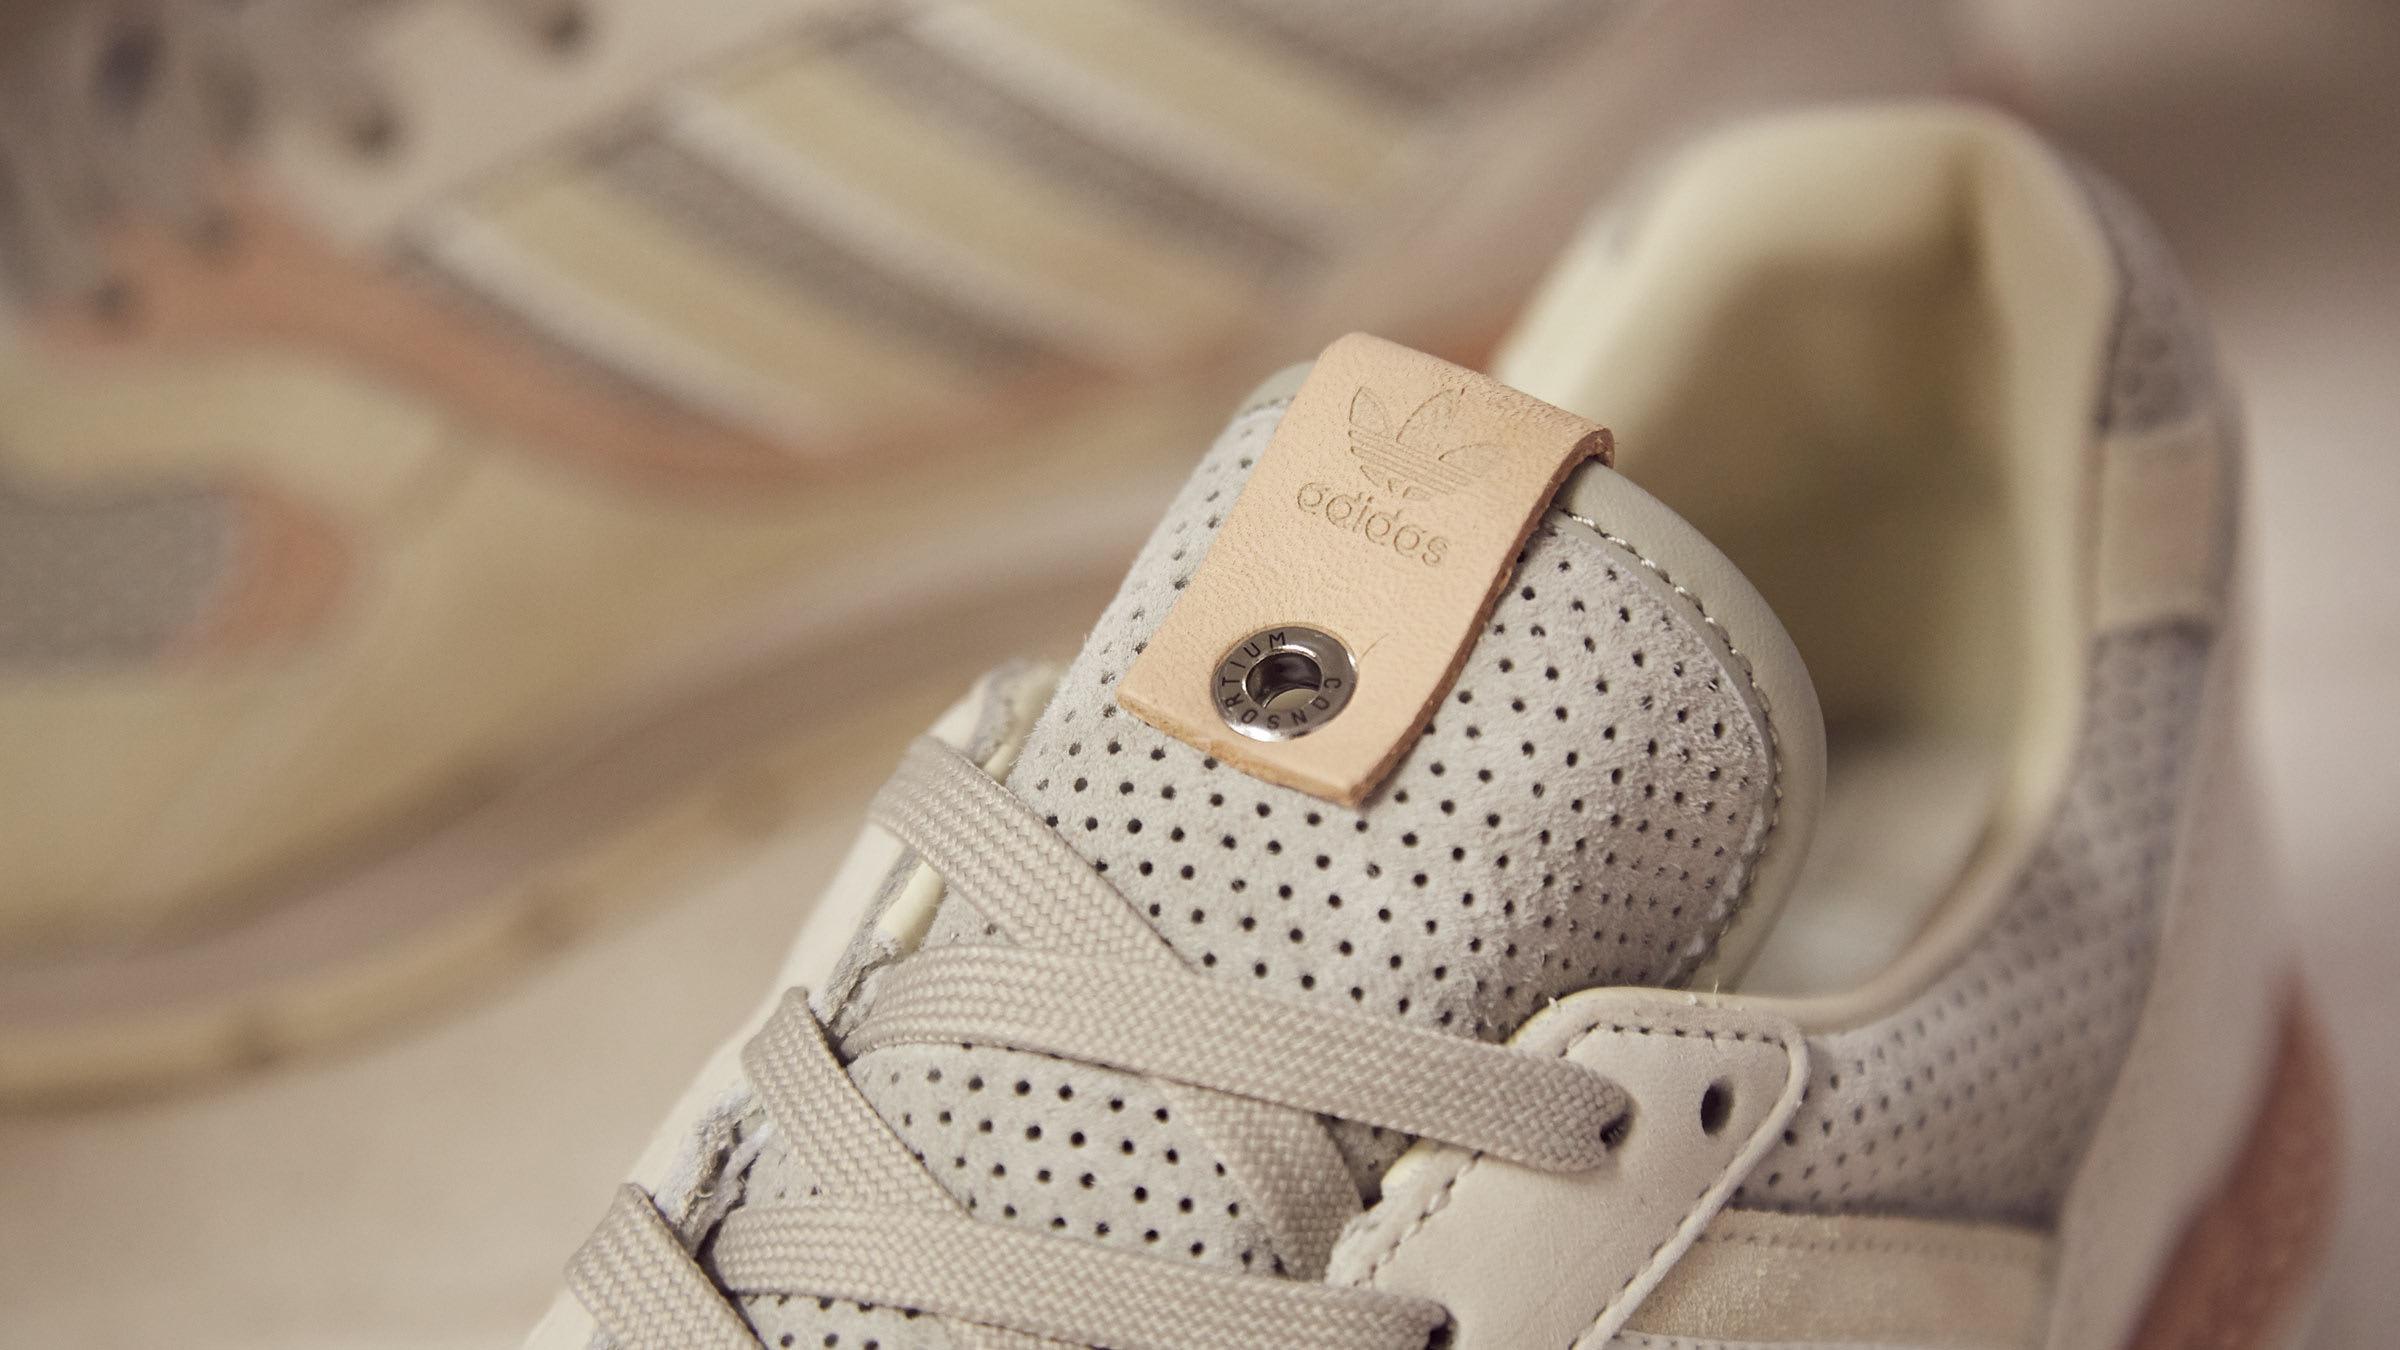 d72f2dea4340a Adidas Consortium x Solebox Quesence (Grey)